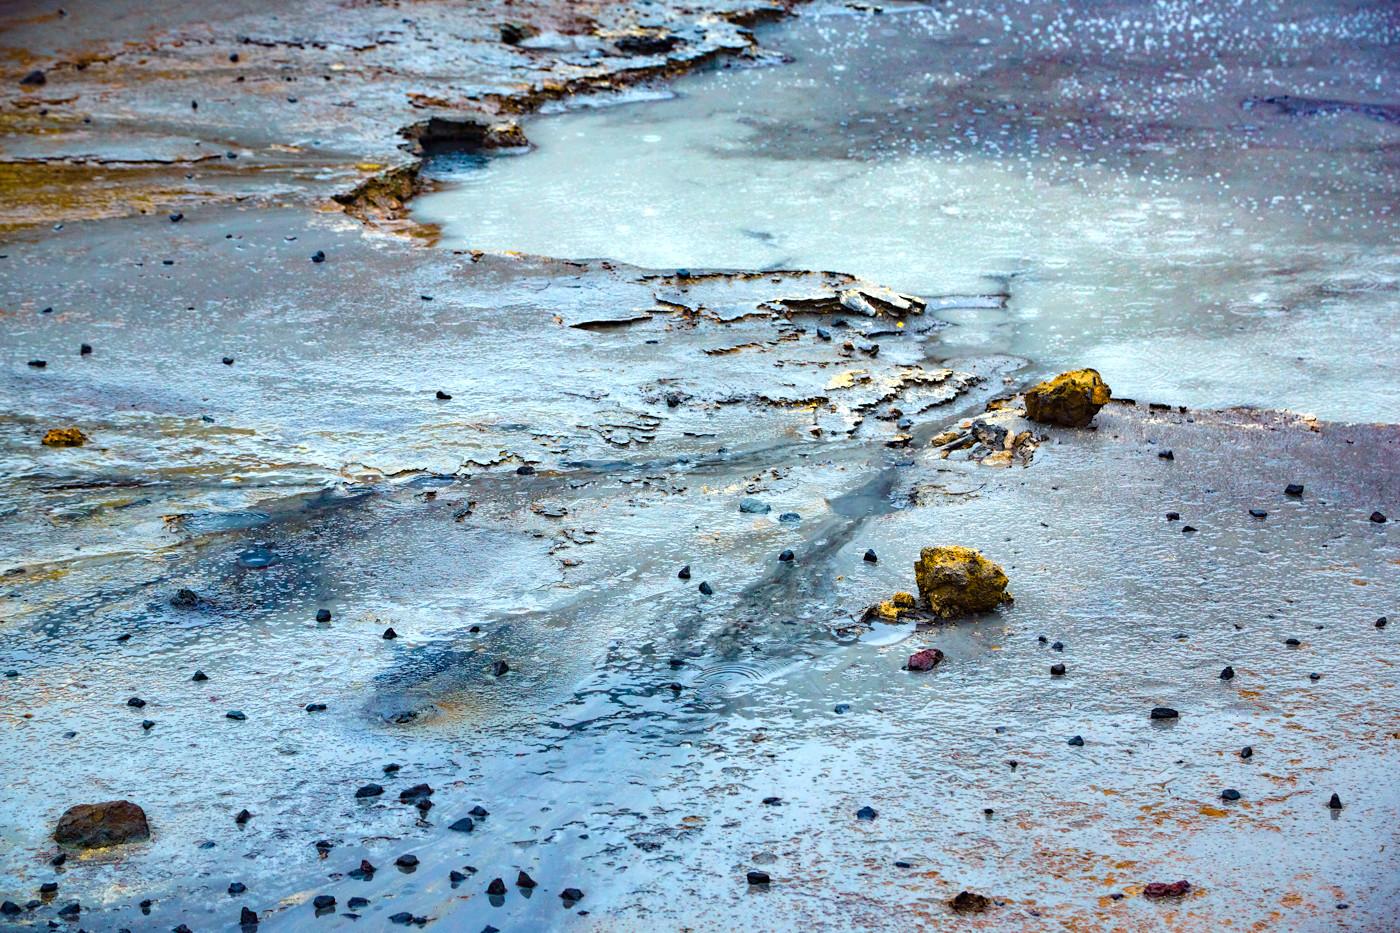 Krysuvik, Geothermalgebiet, geothermal area, Island, Iceland, rainy day, Regentag, Roadtrip, Rundreise, Reiseblogger, Travelblogger, Miles and Shores, vulkanisch, Vulkangestein, blau, intensive farben